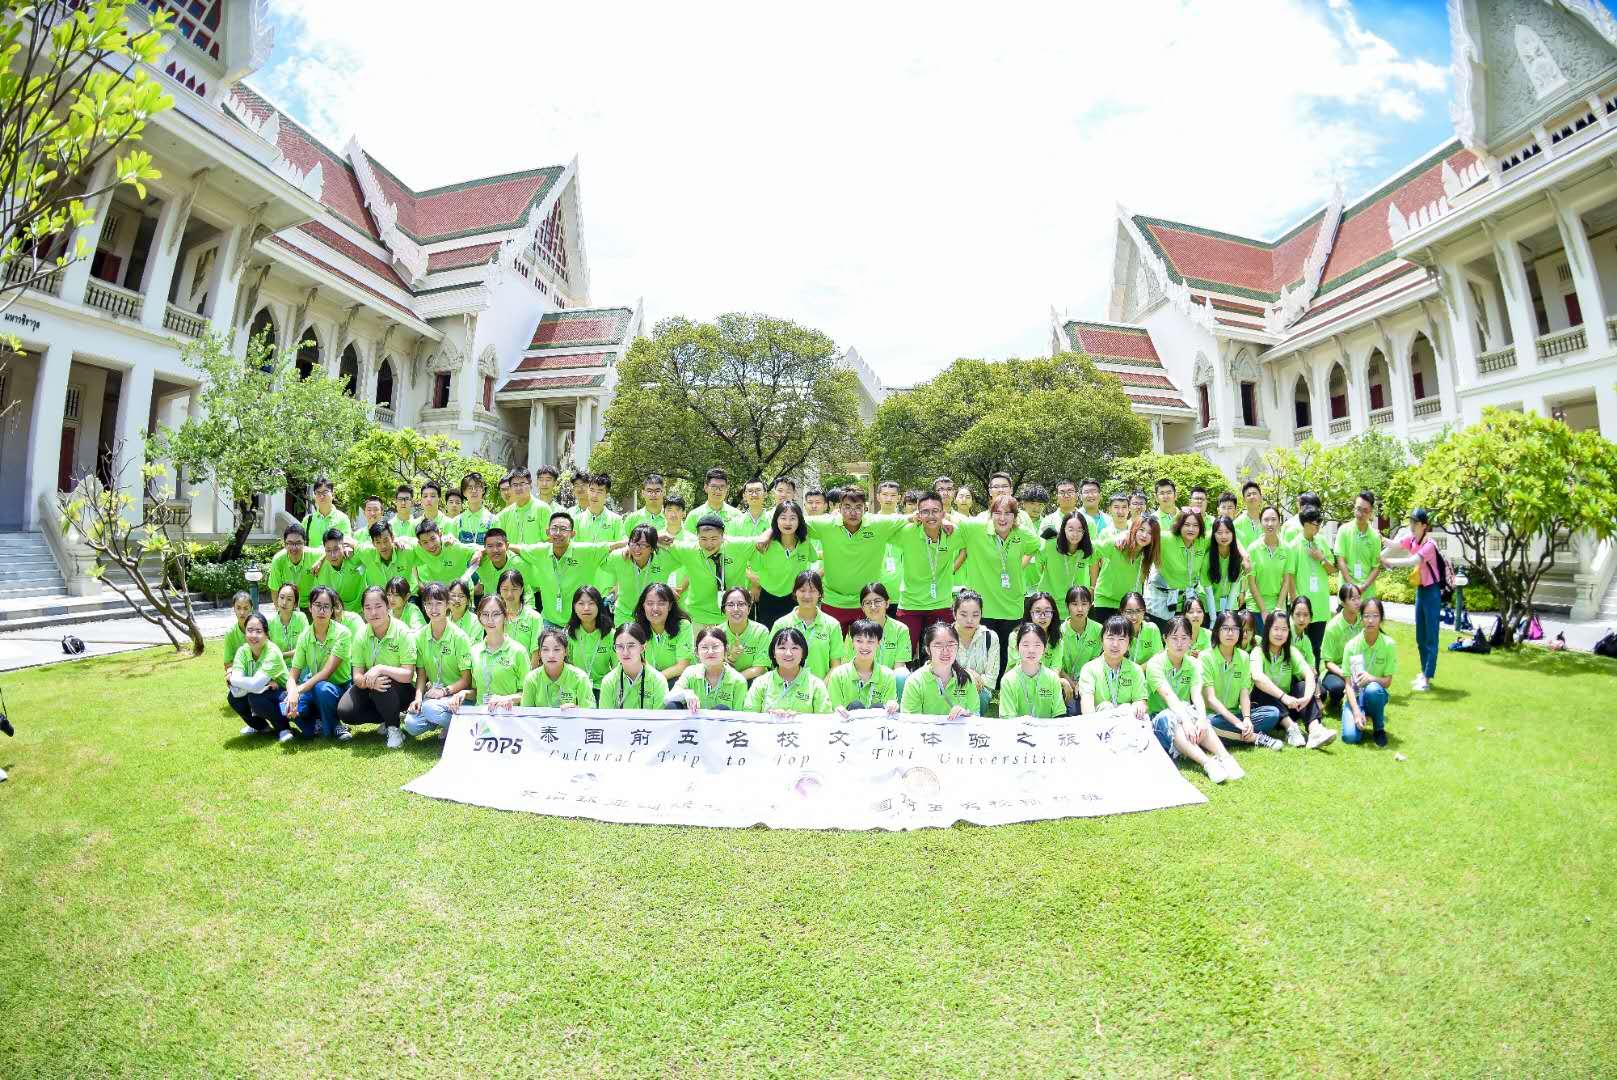 昆明泰国留学辅导 来电咨询 环亚教育培训学校供应